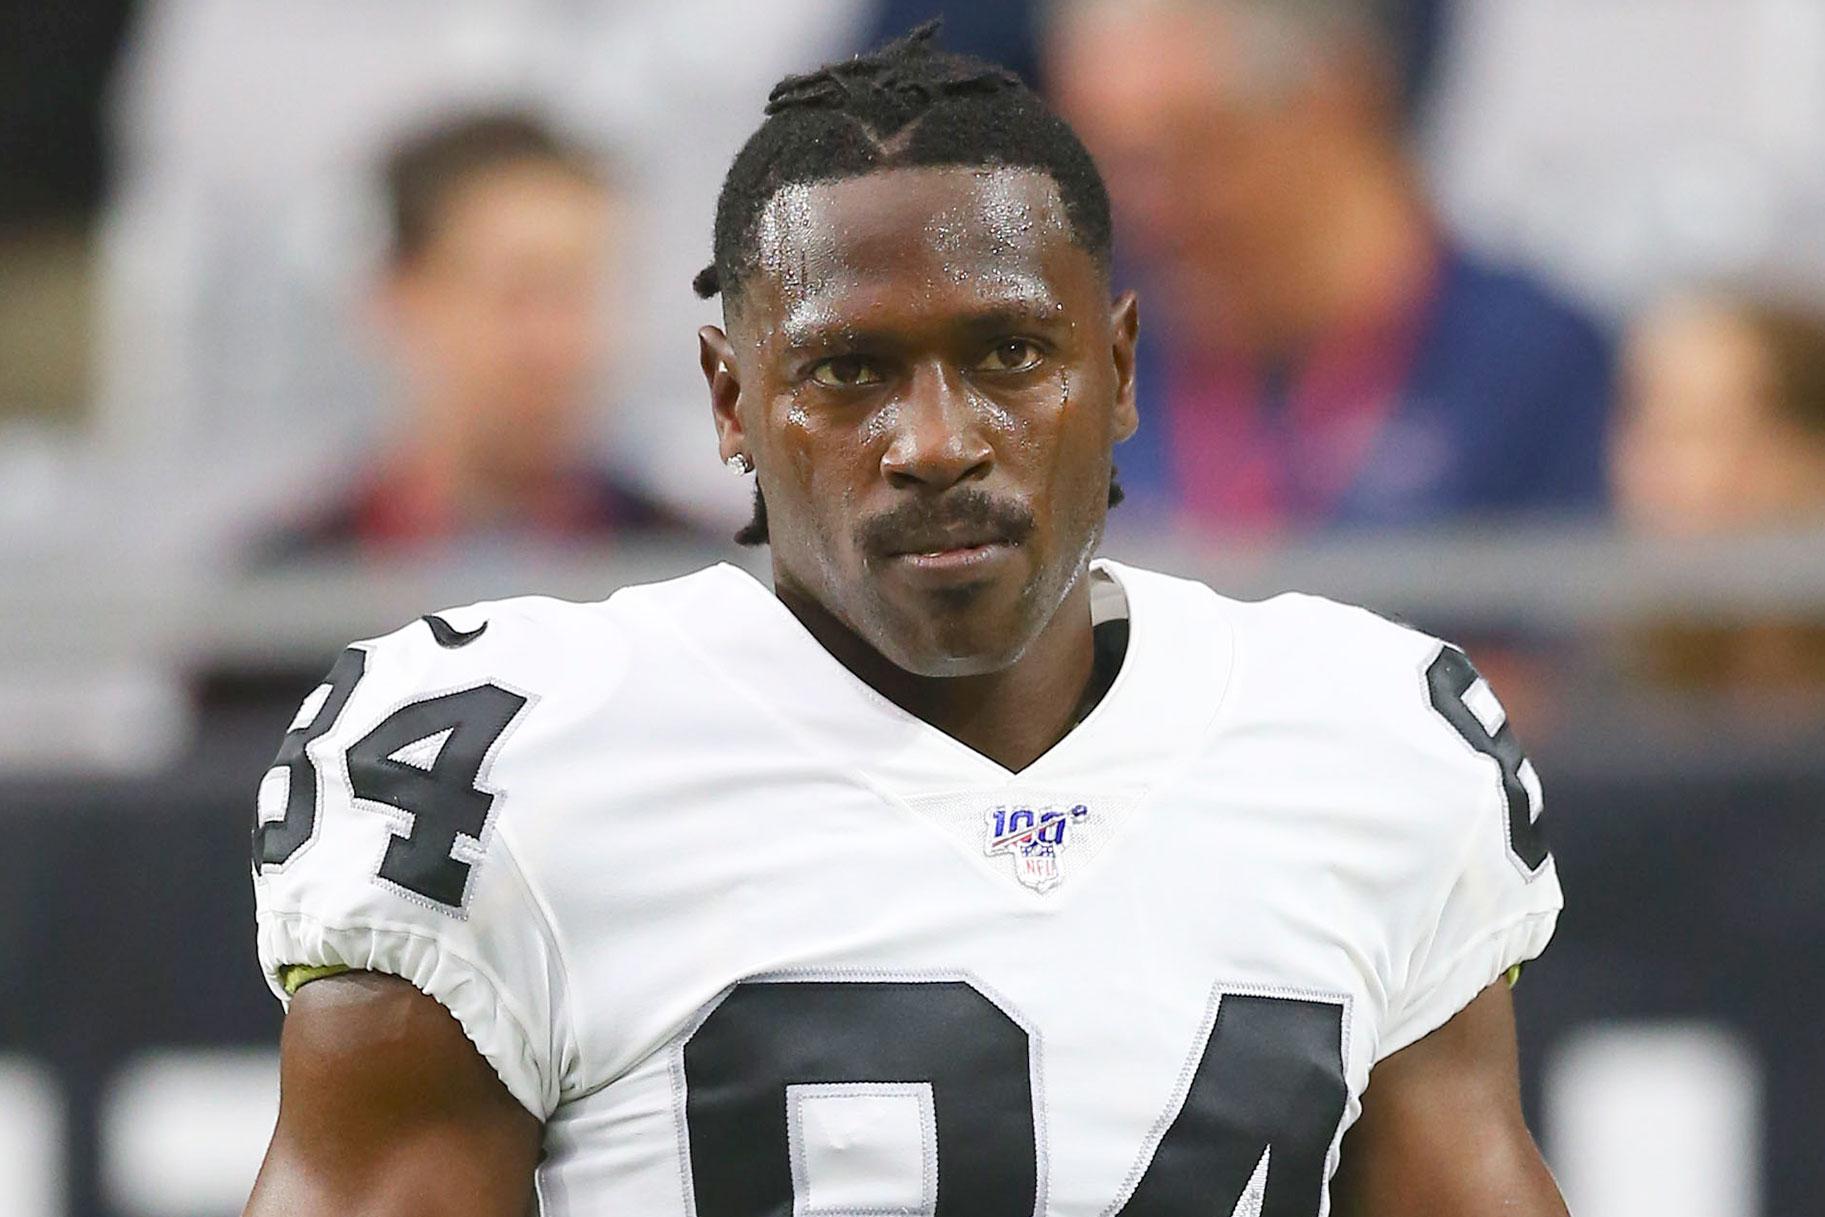 Ο παίκτης του NFL Antonio Brown κατηγορείται για «βίαιο» βιασμό πρώην εκπαιδευτή